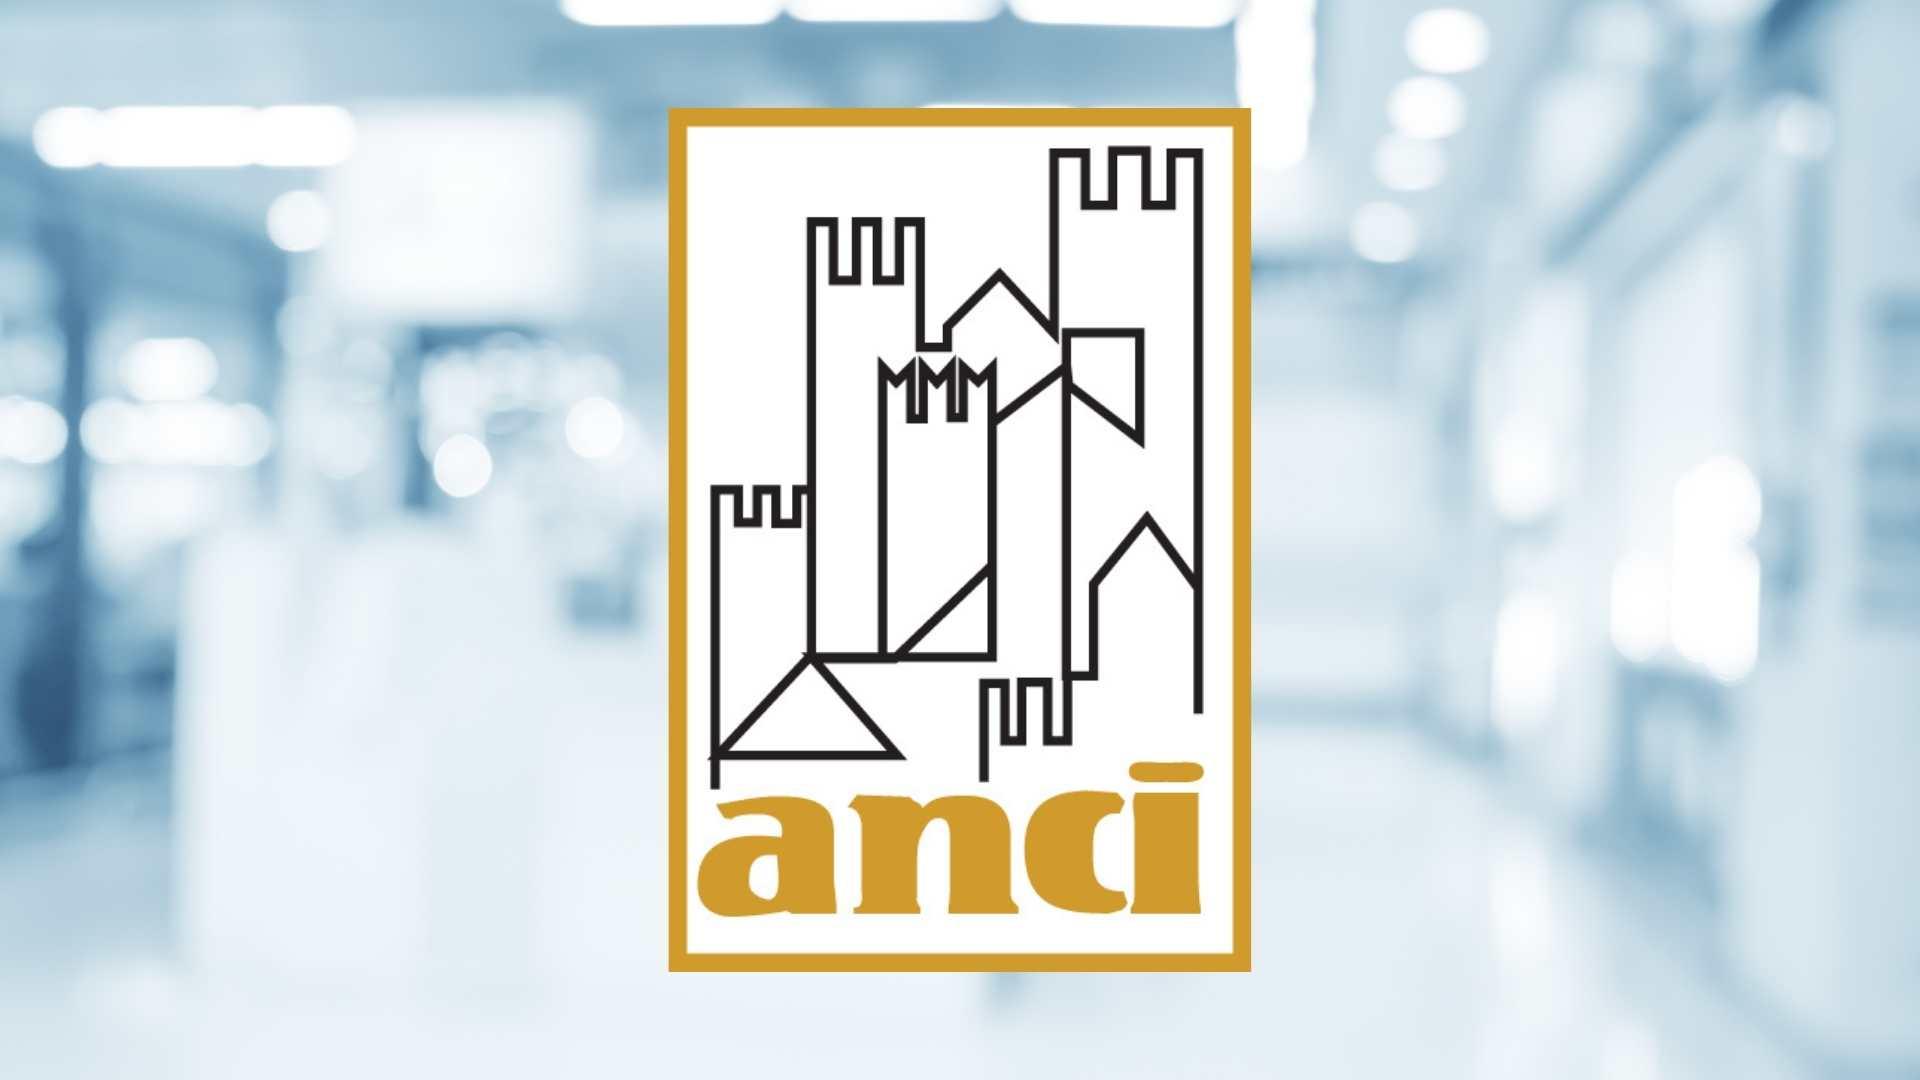 Per le Sezioni Unite l'ANCI è un soggetto di diritto privato